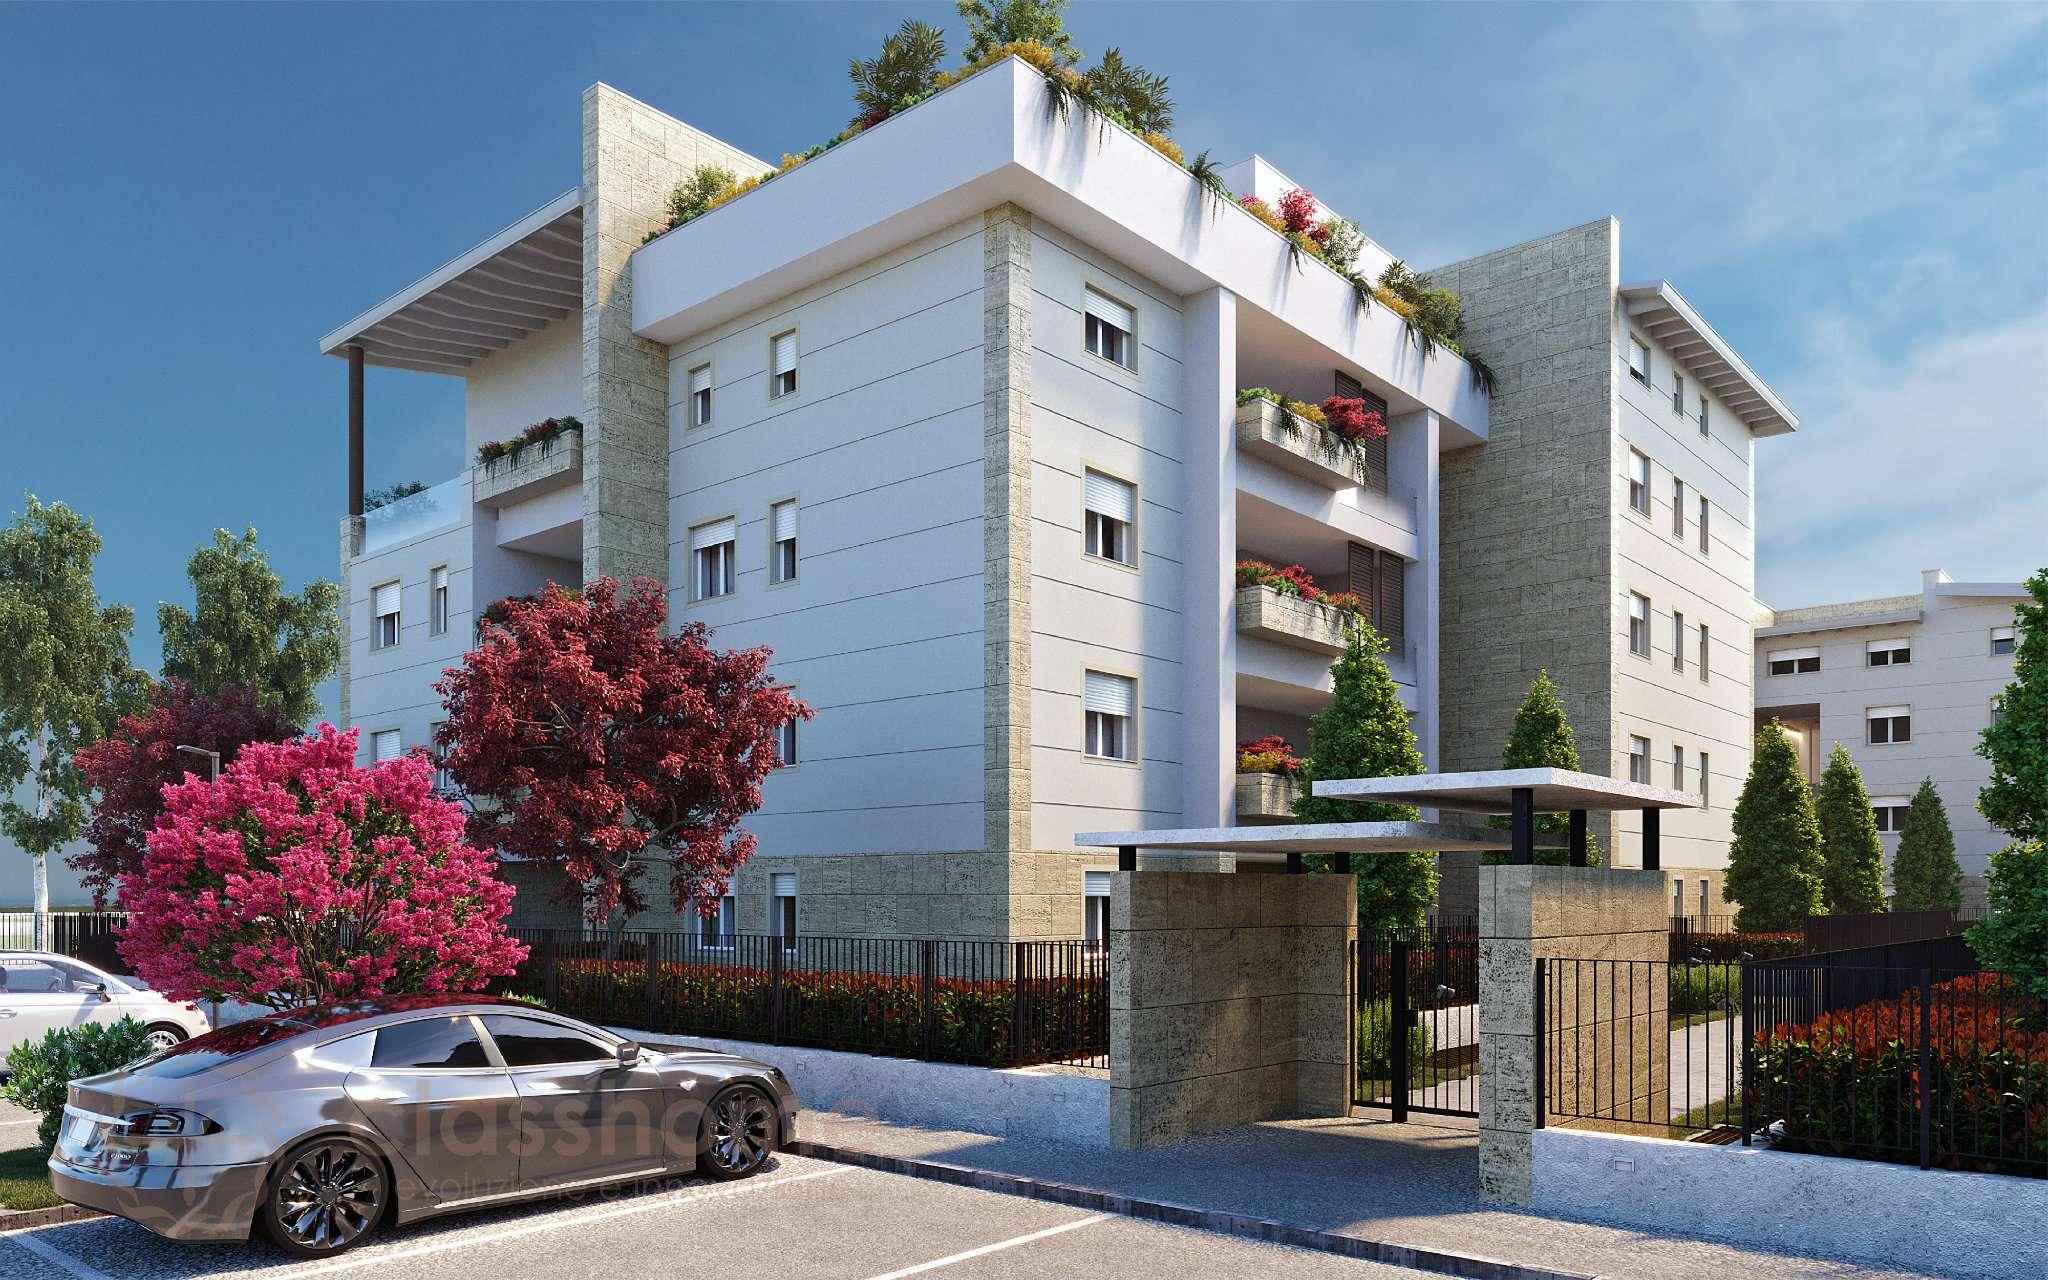 Appartamento in vendita a Novate Milanese, 3 locali, prezzo € 337.970   PortaleAgenzieImmobiliari.it